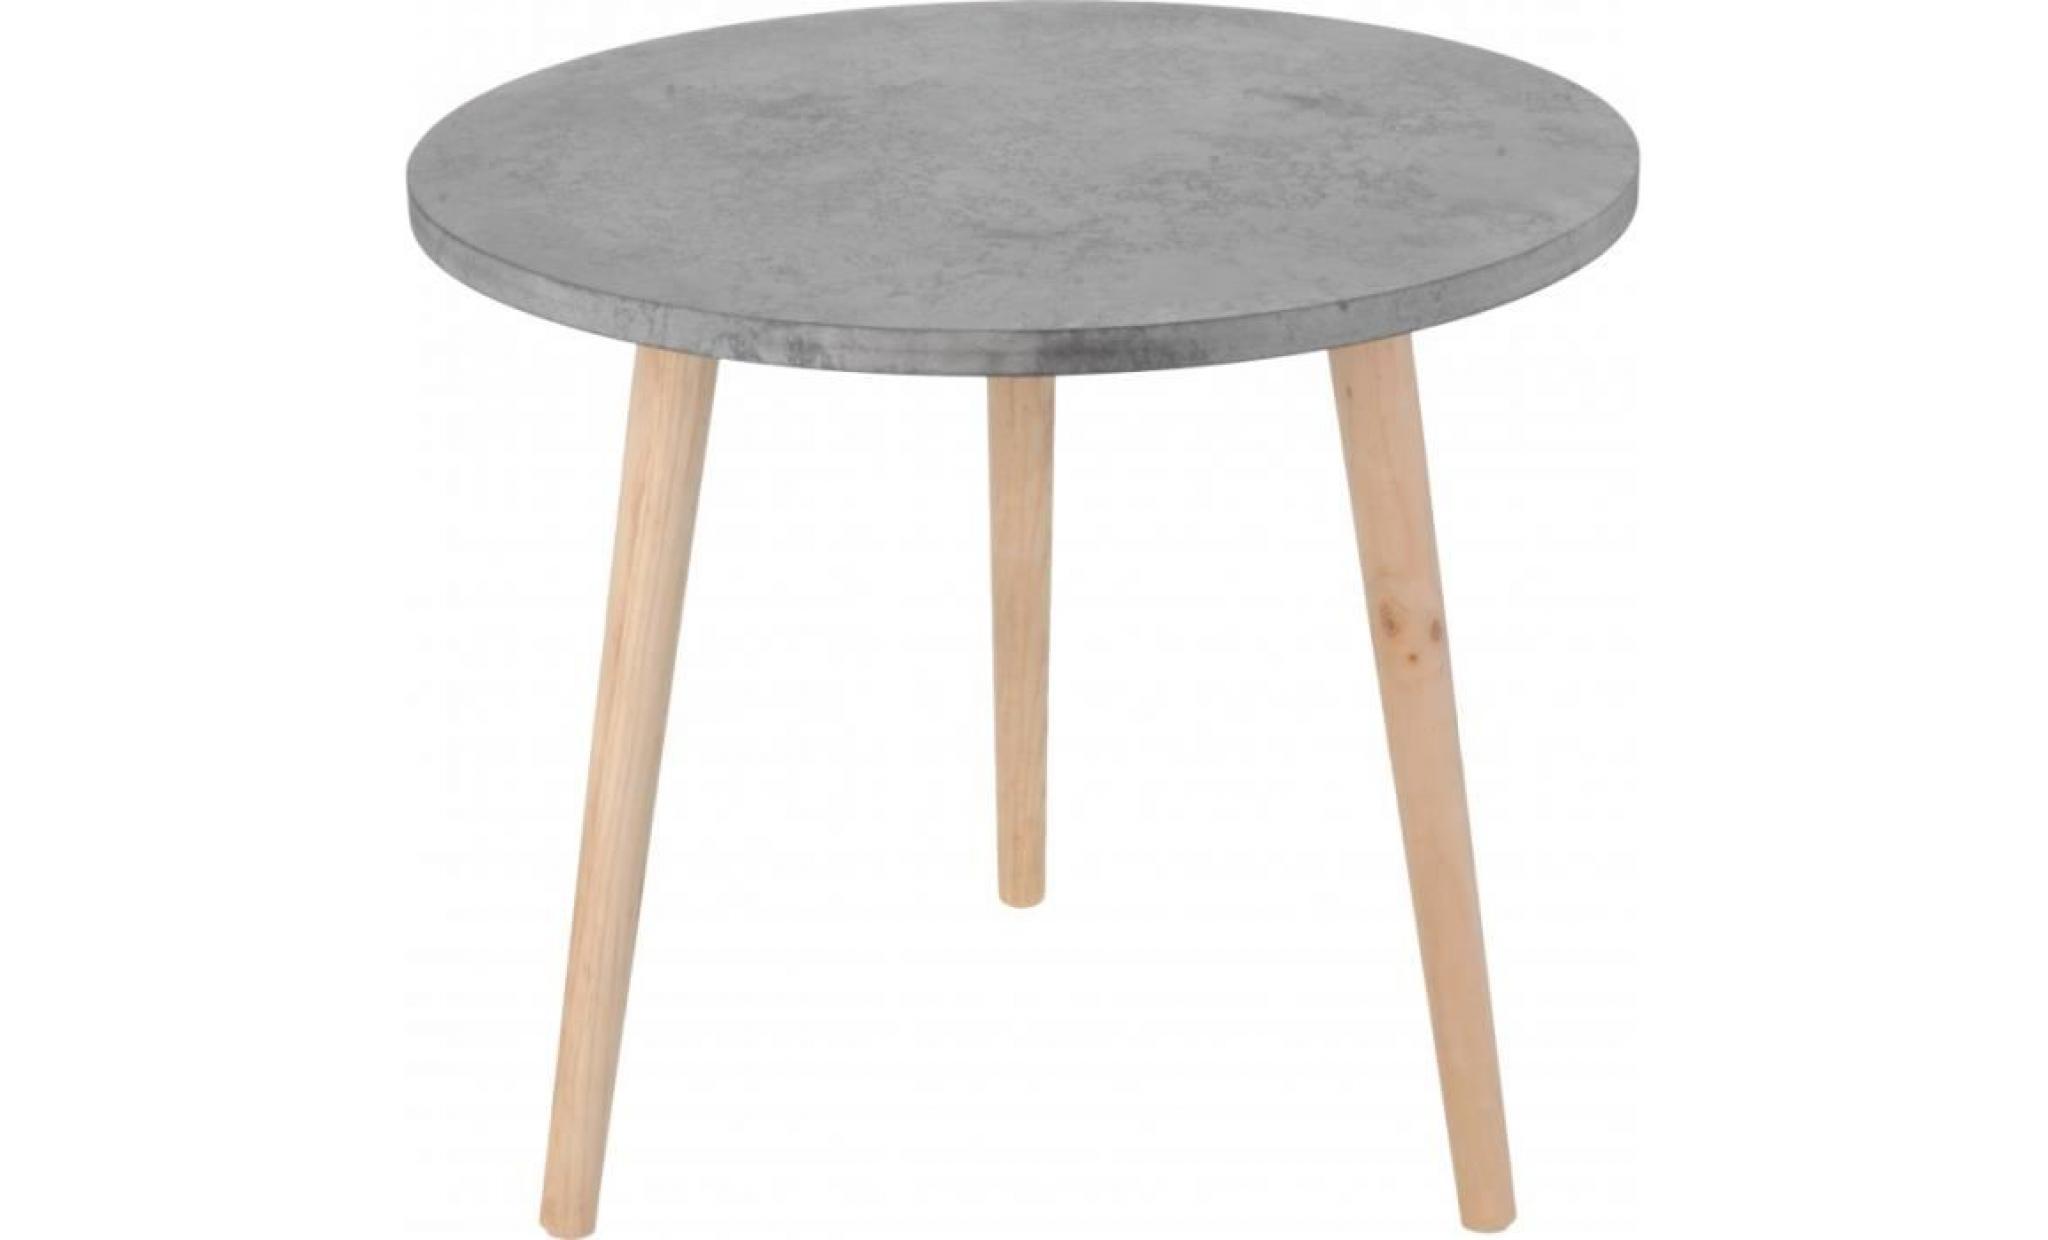 table basse ronde pieds en bois gris achat vente table basse pas cher couleur et design fr